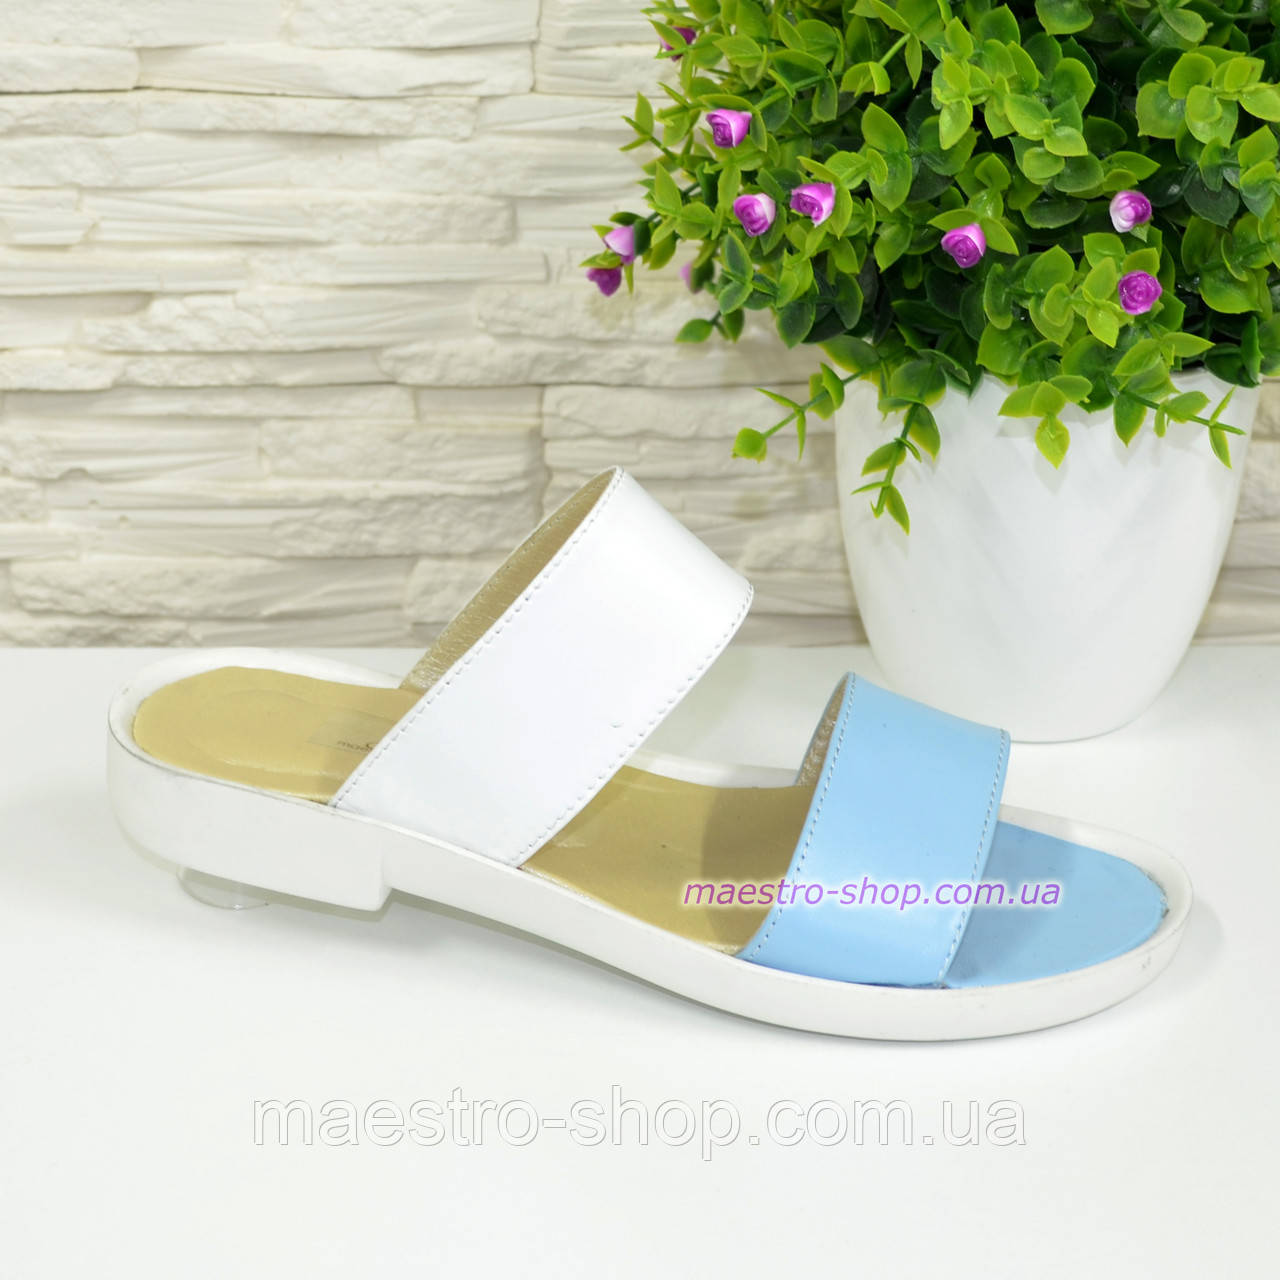 Женские кожаные шлепанцы на маленьком каблучке, цвет голубой/белый